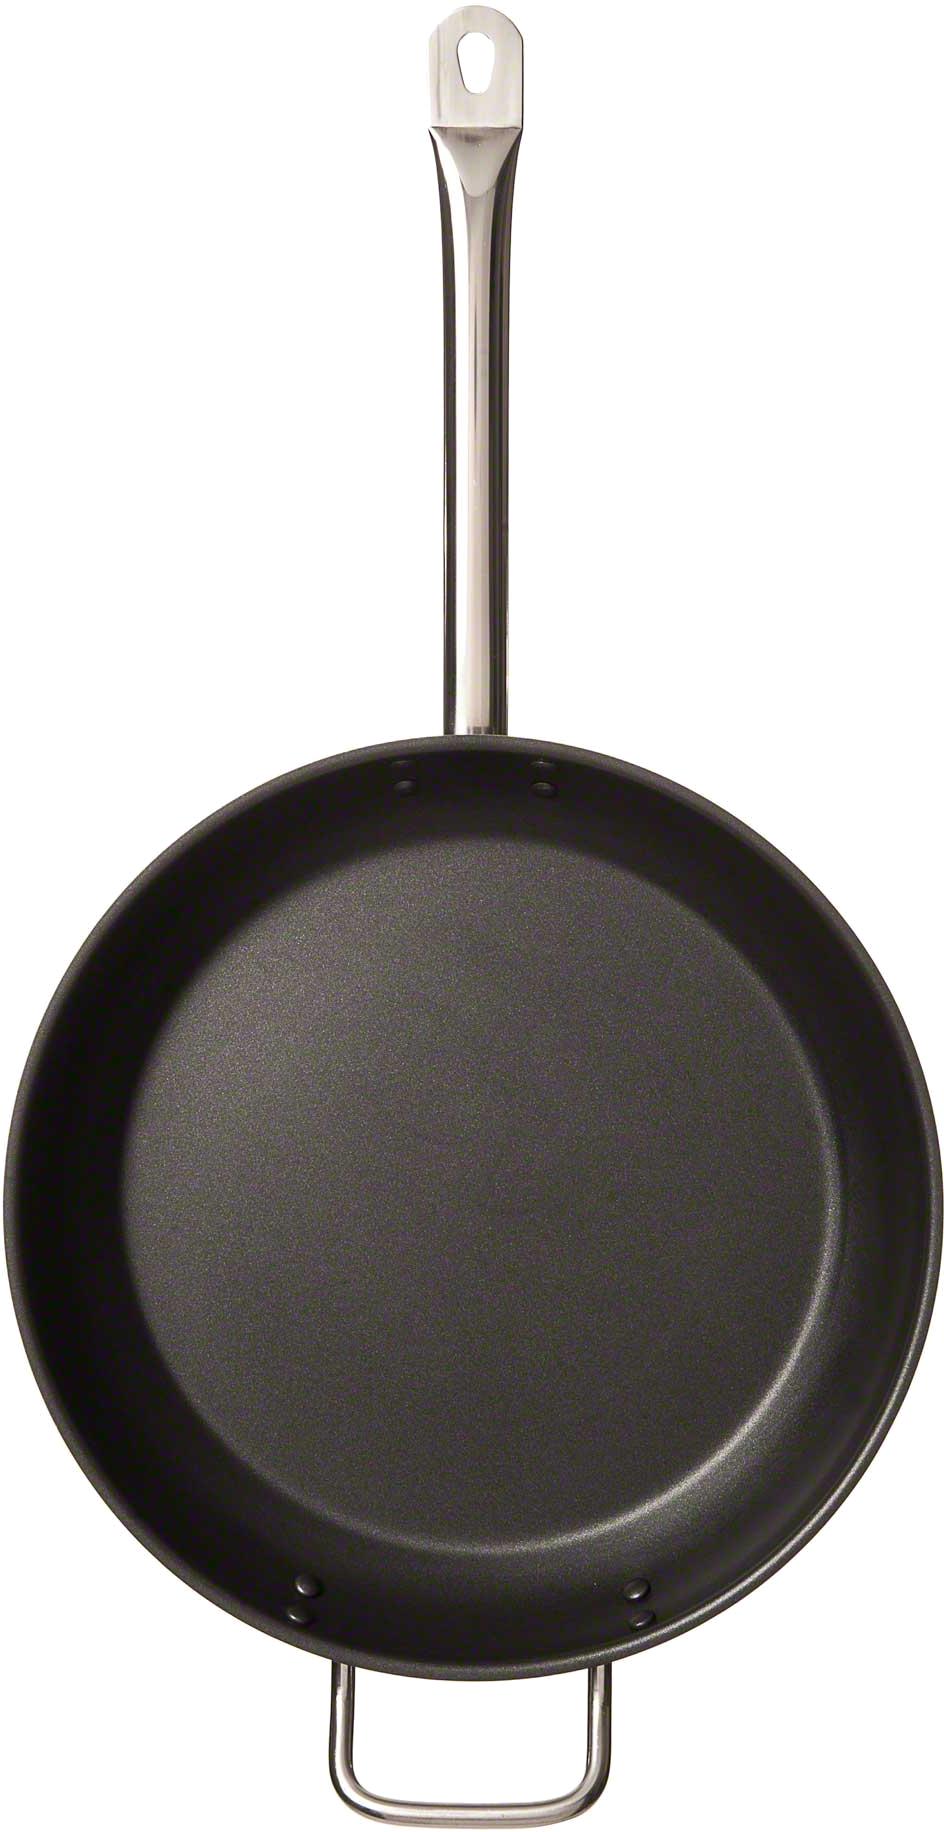 Frying Pan Top Down Png Image Frying Pan Pan Iron Pan